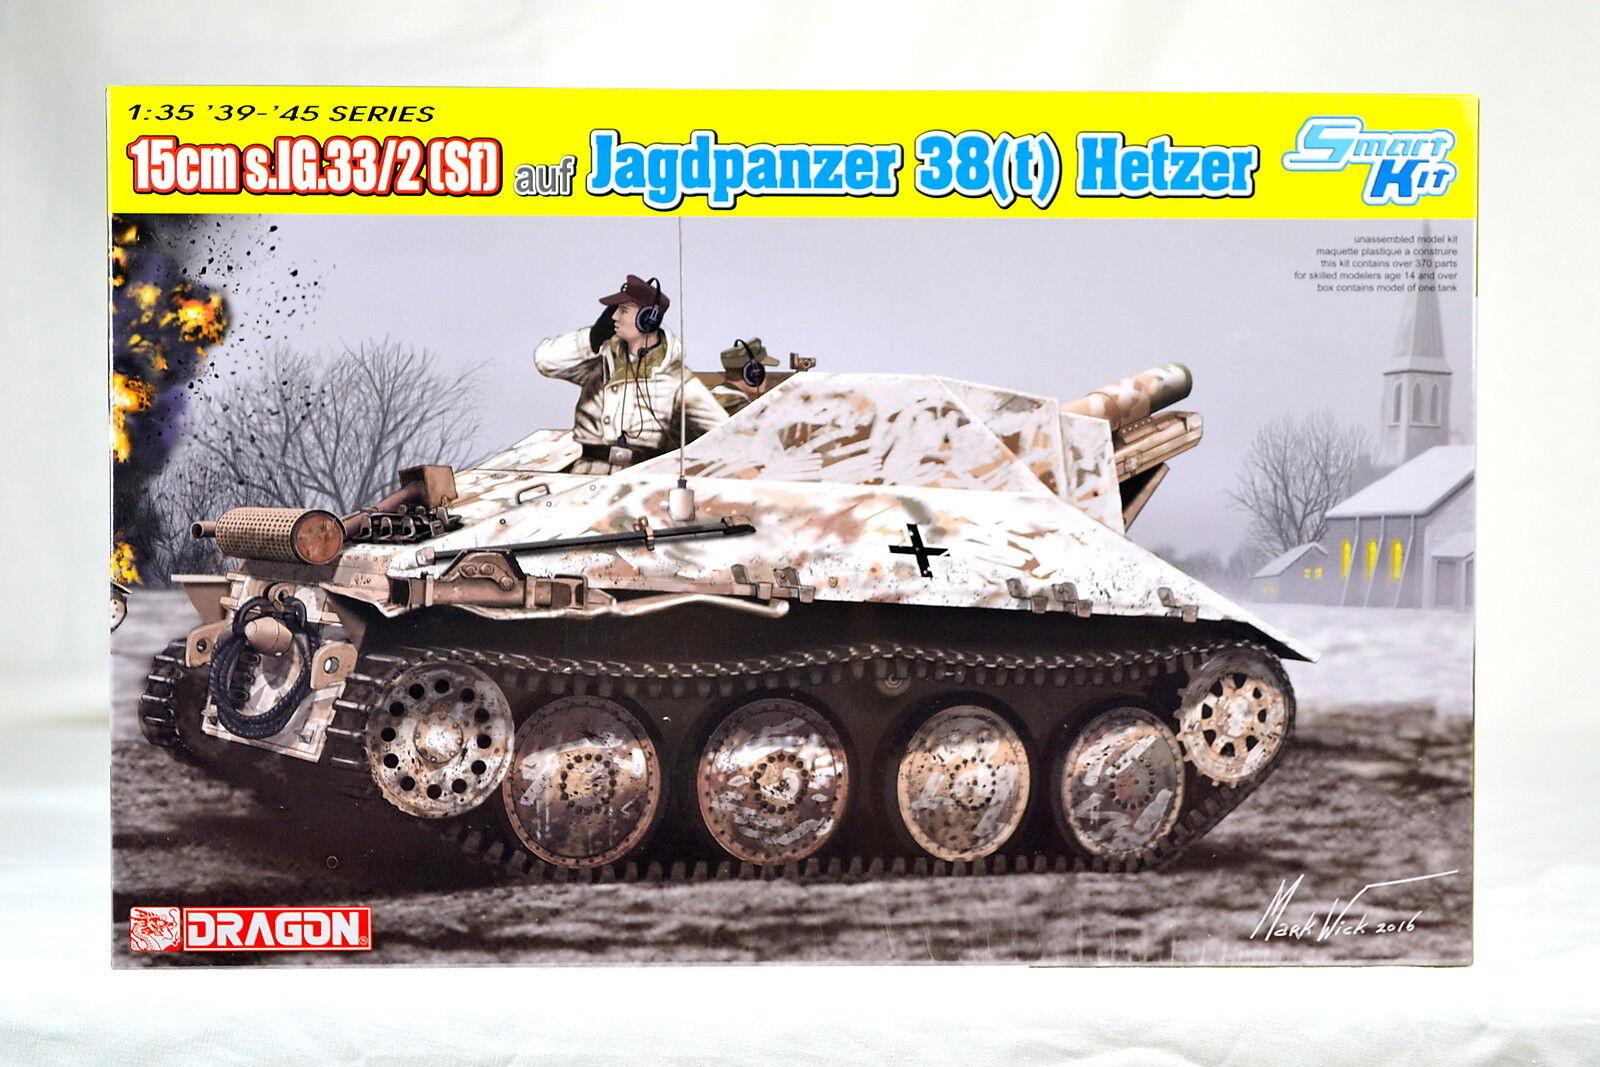 Dragon 6489 1 35 15cm s.IG.33 2(Sf) auf Jagdpanzer 38(t) Hetzer - Smart Kit